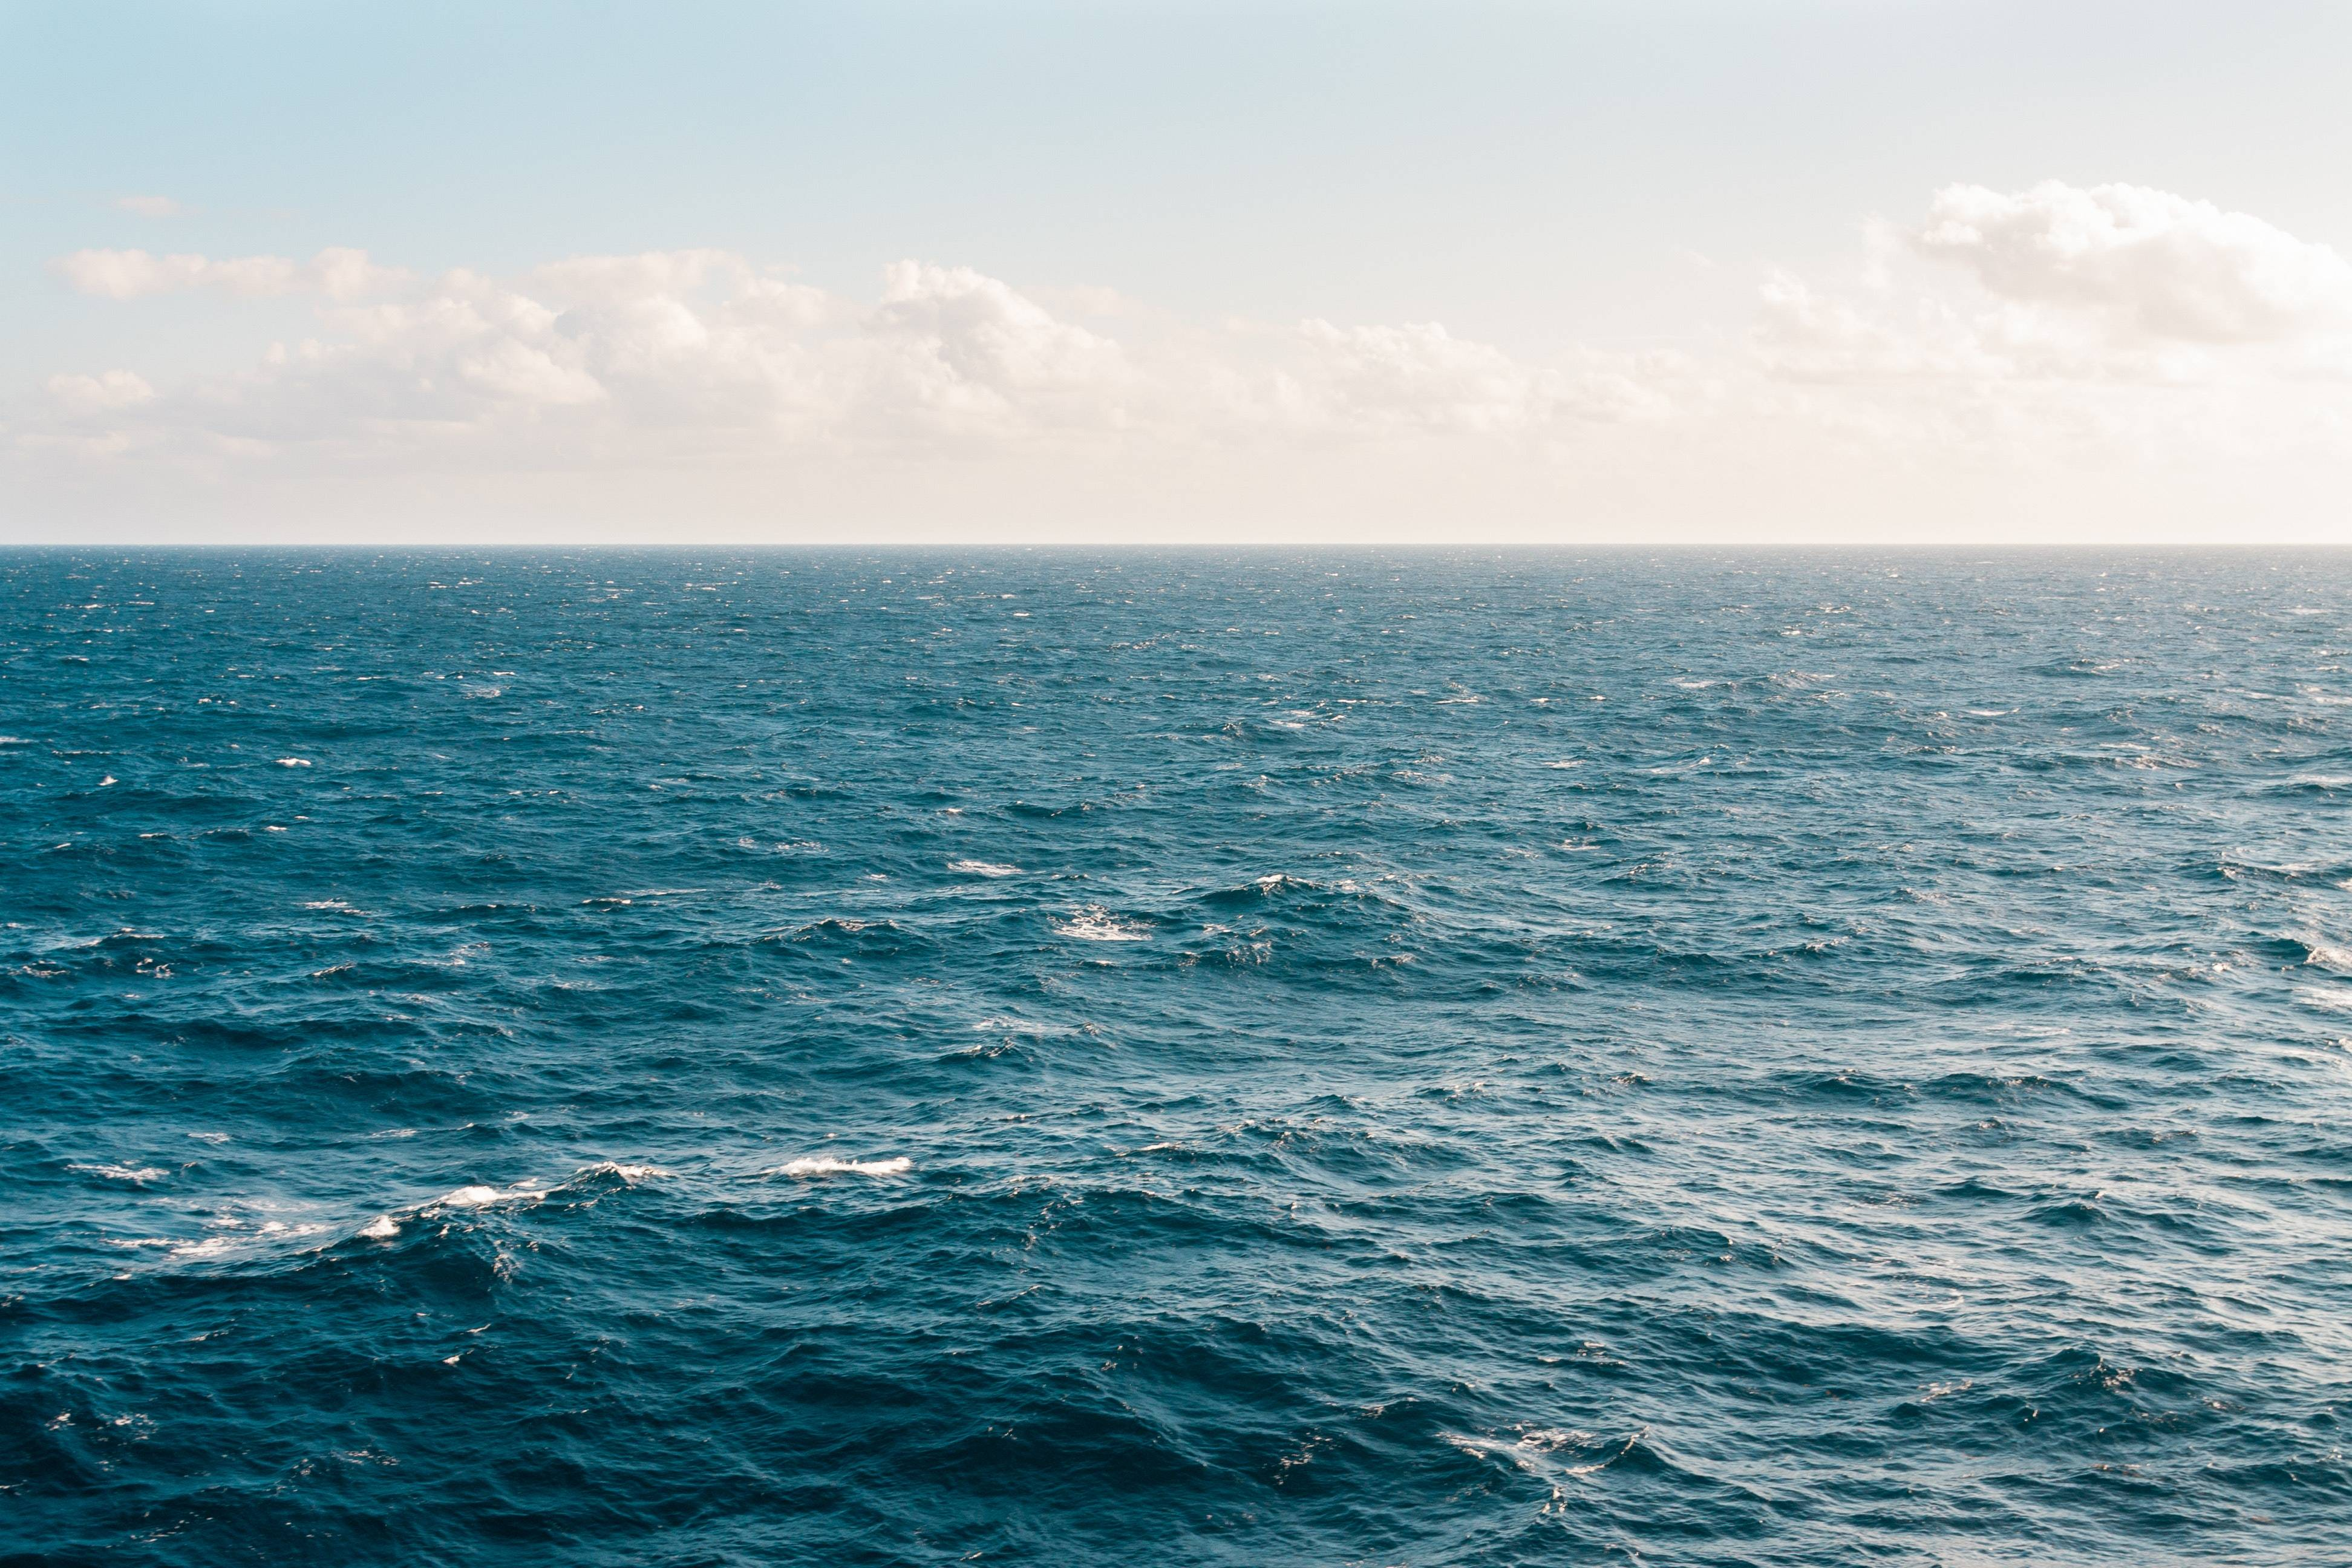 Nuevo estudio asombra a científicos al descubrir fuente de magnetismo debajo del Océano Pacífico